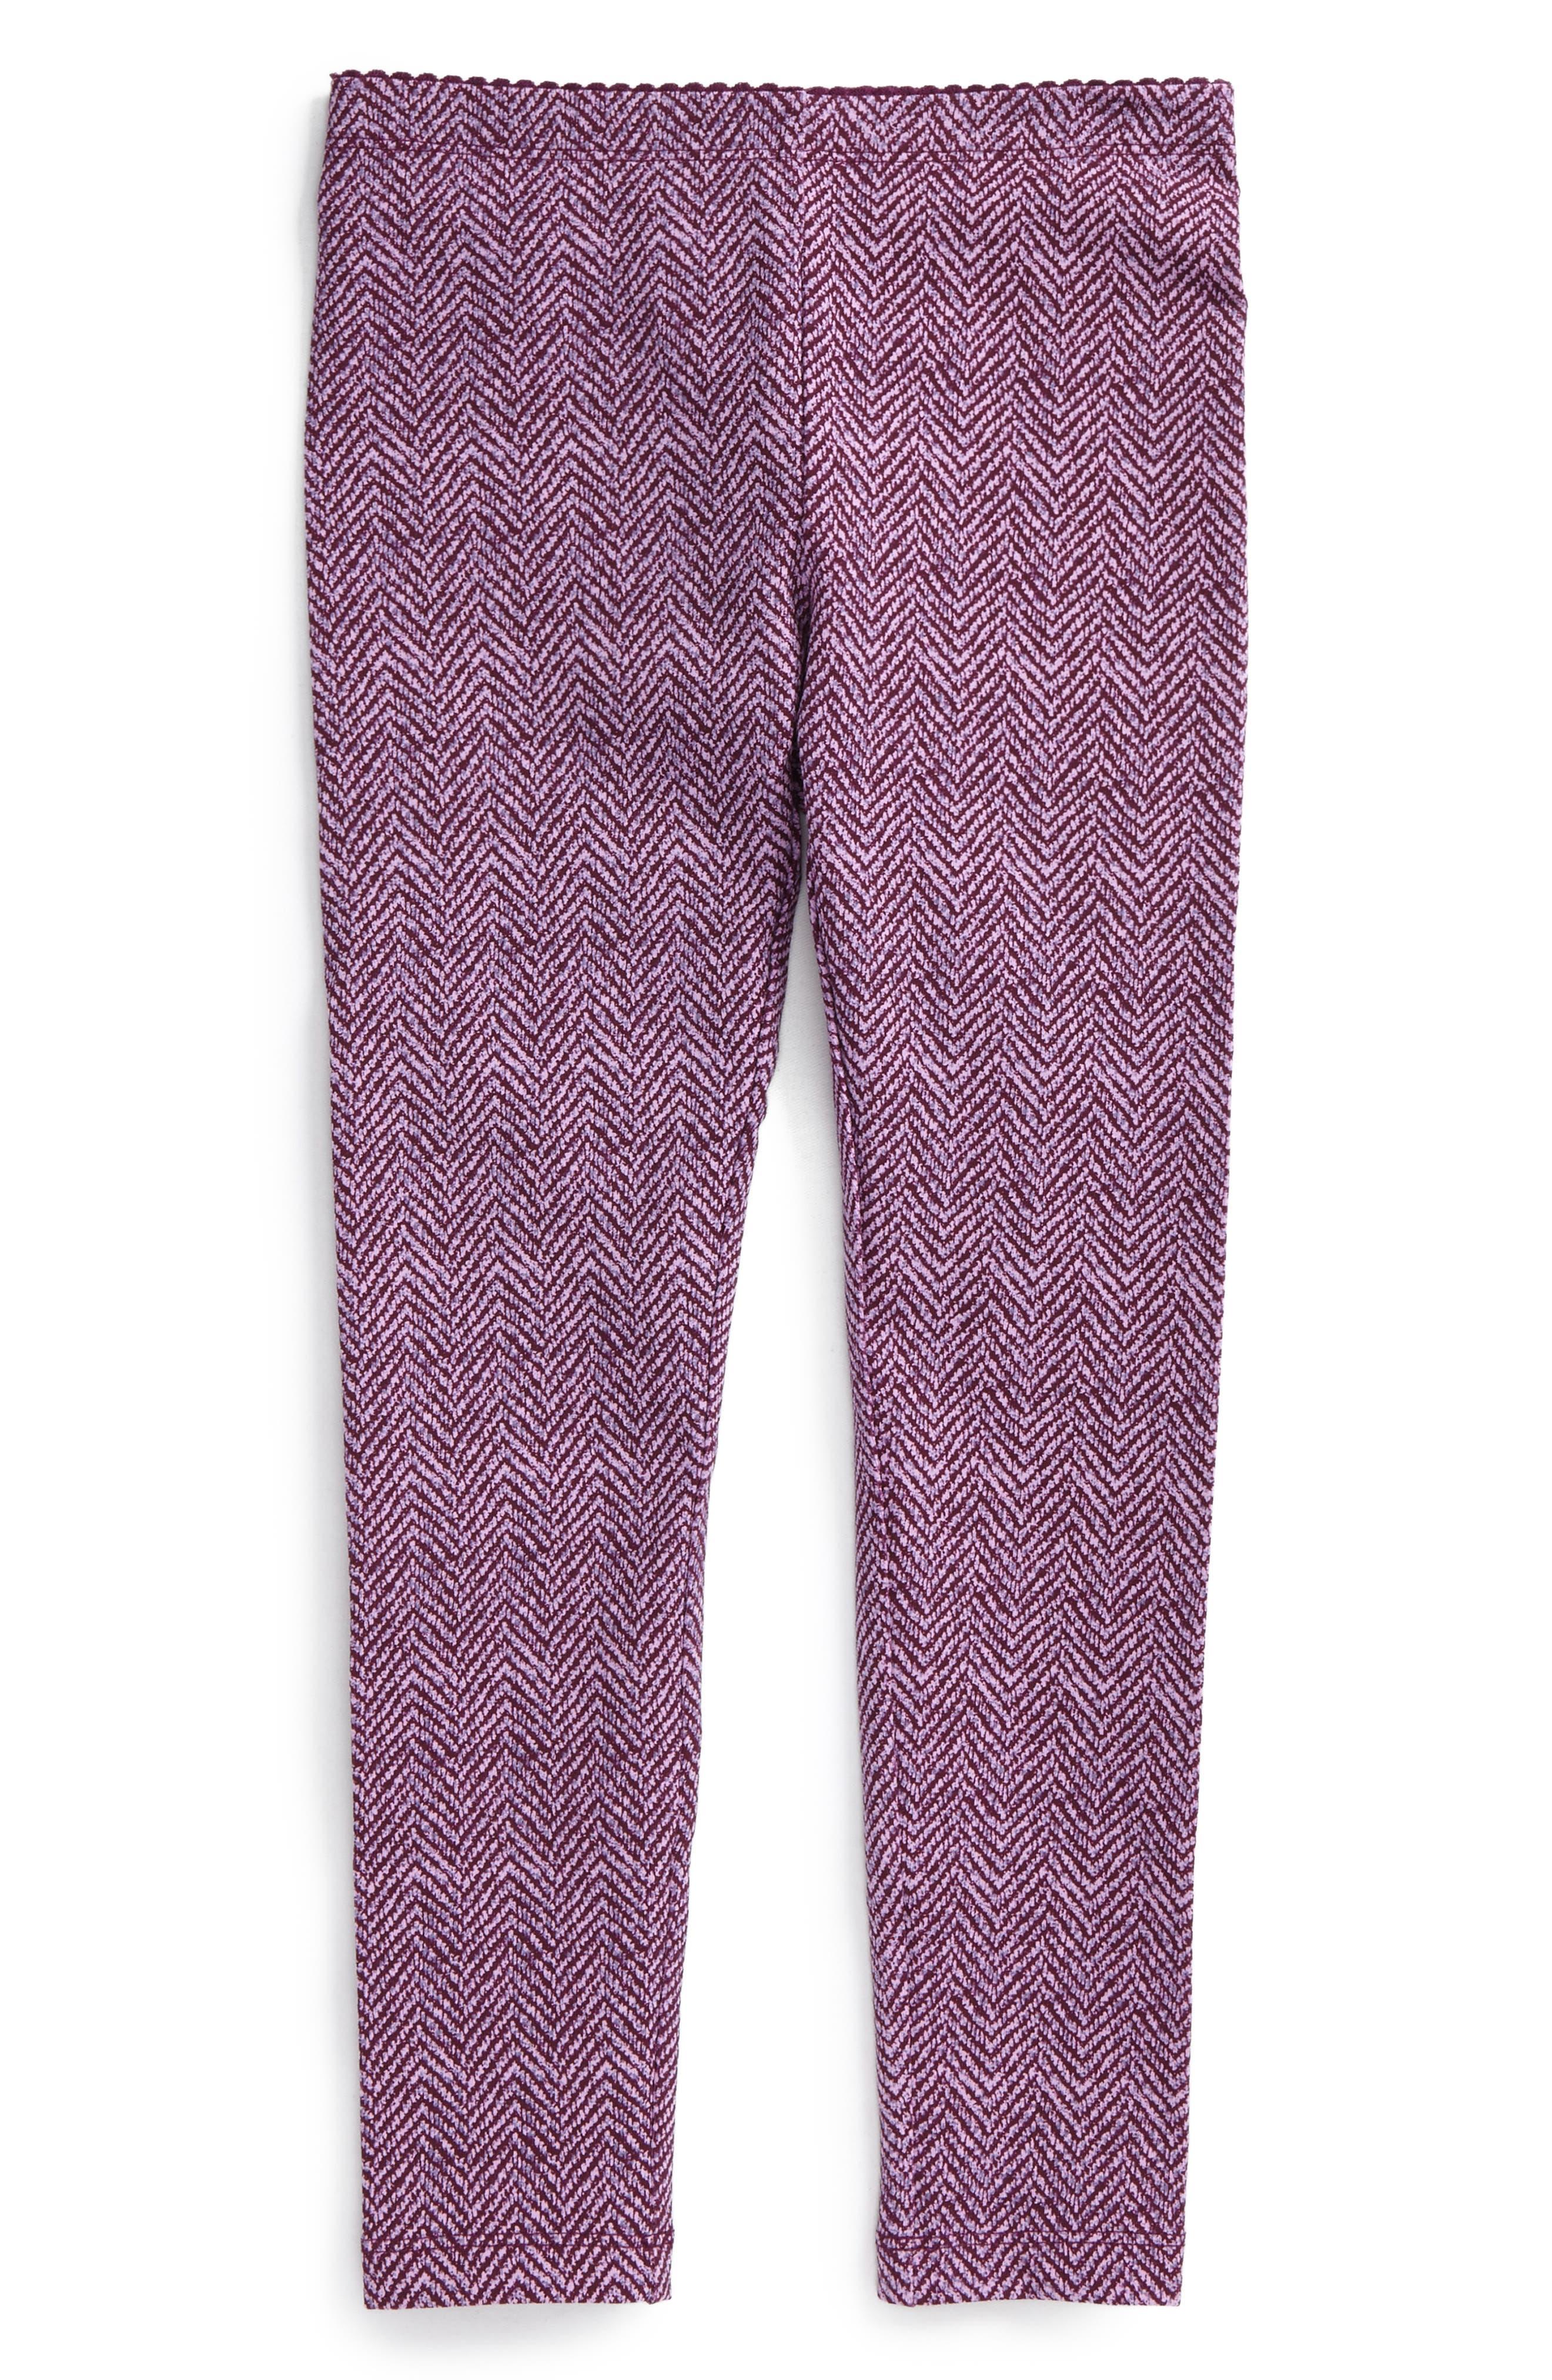 Tea Collection Tweed Print Leggings (Toddler Girls, Little Girls & Big Girls)